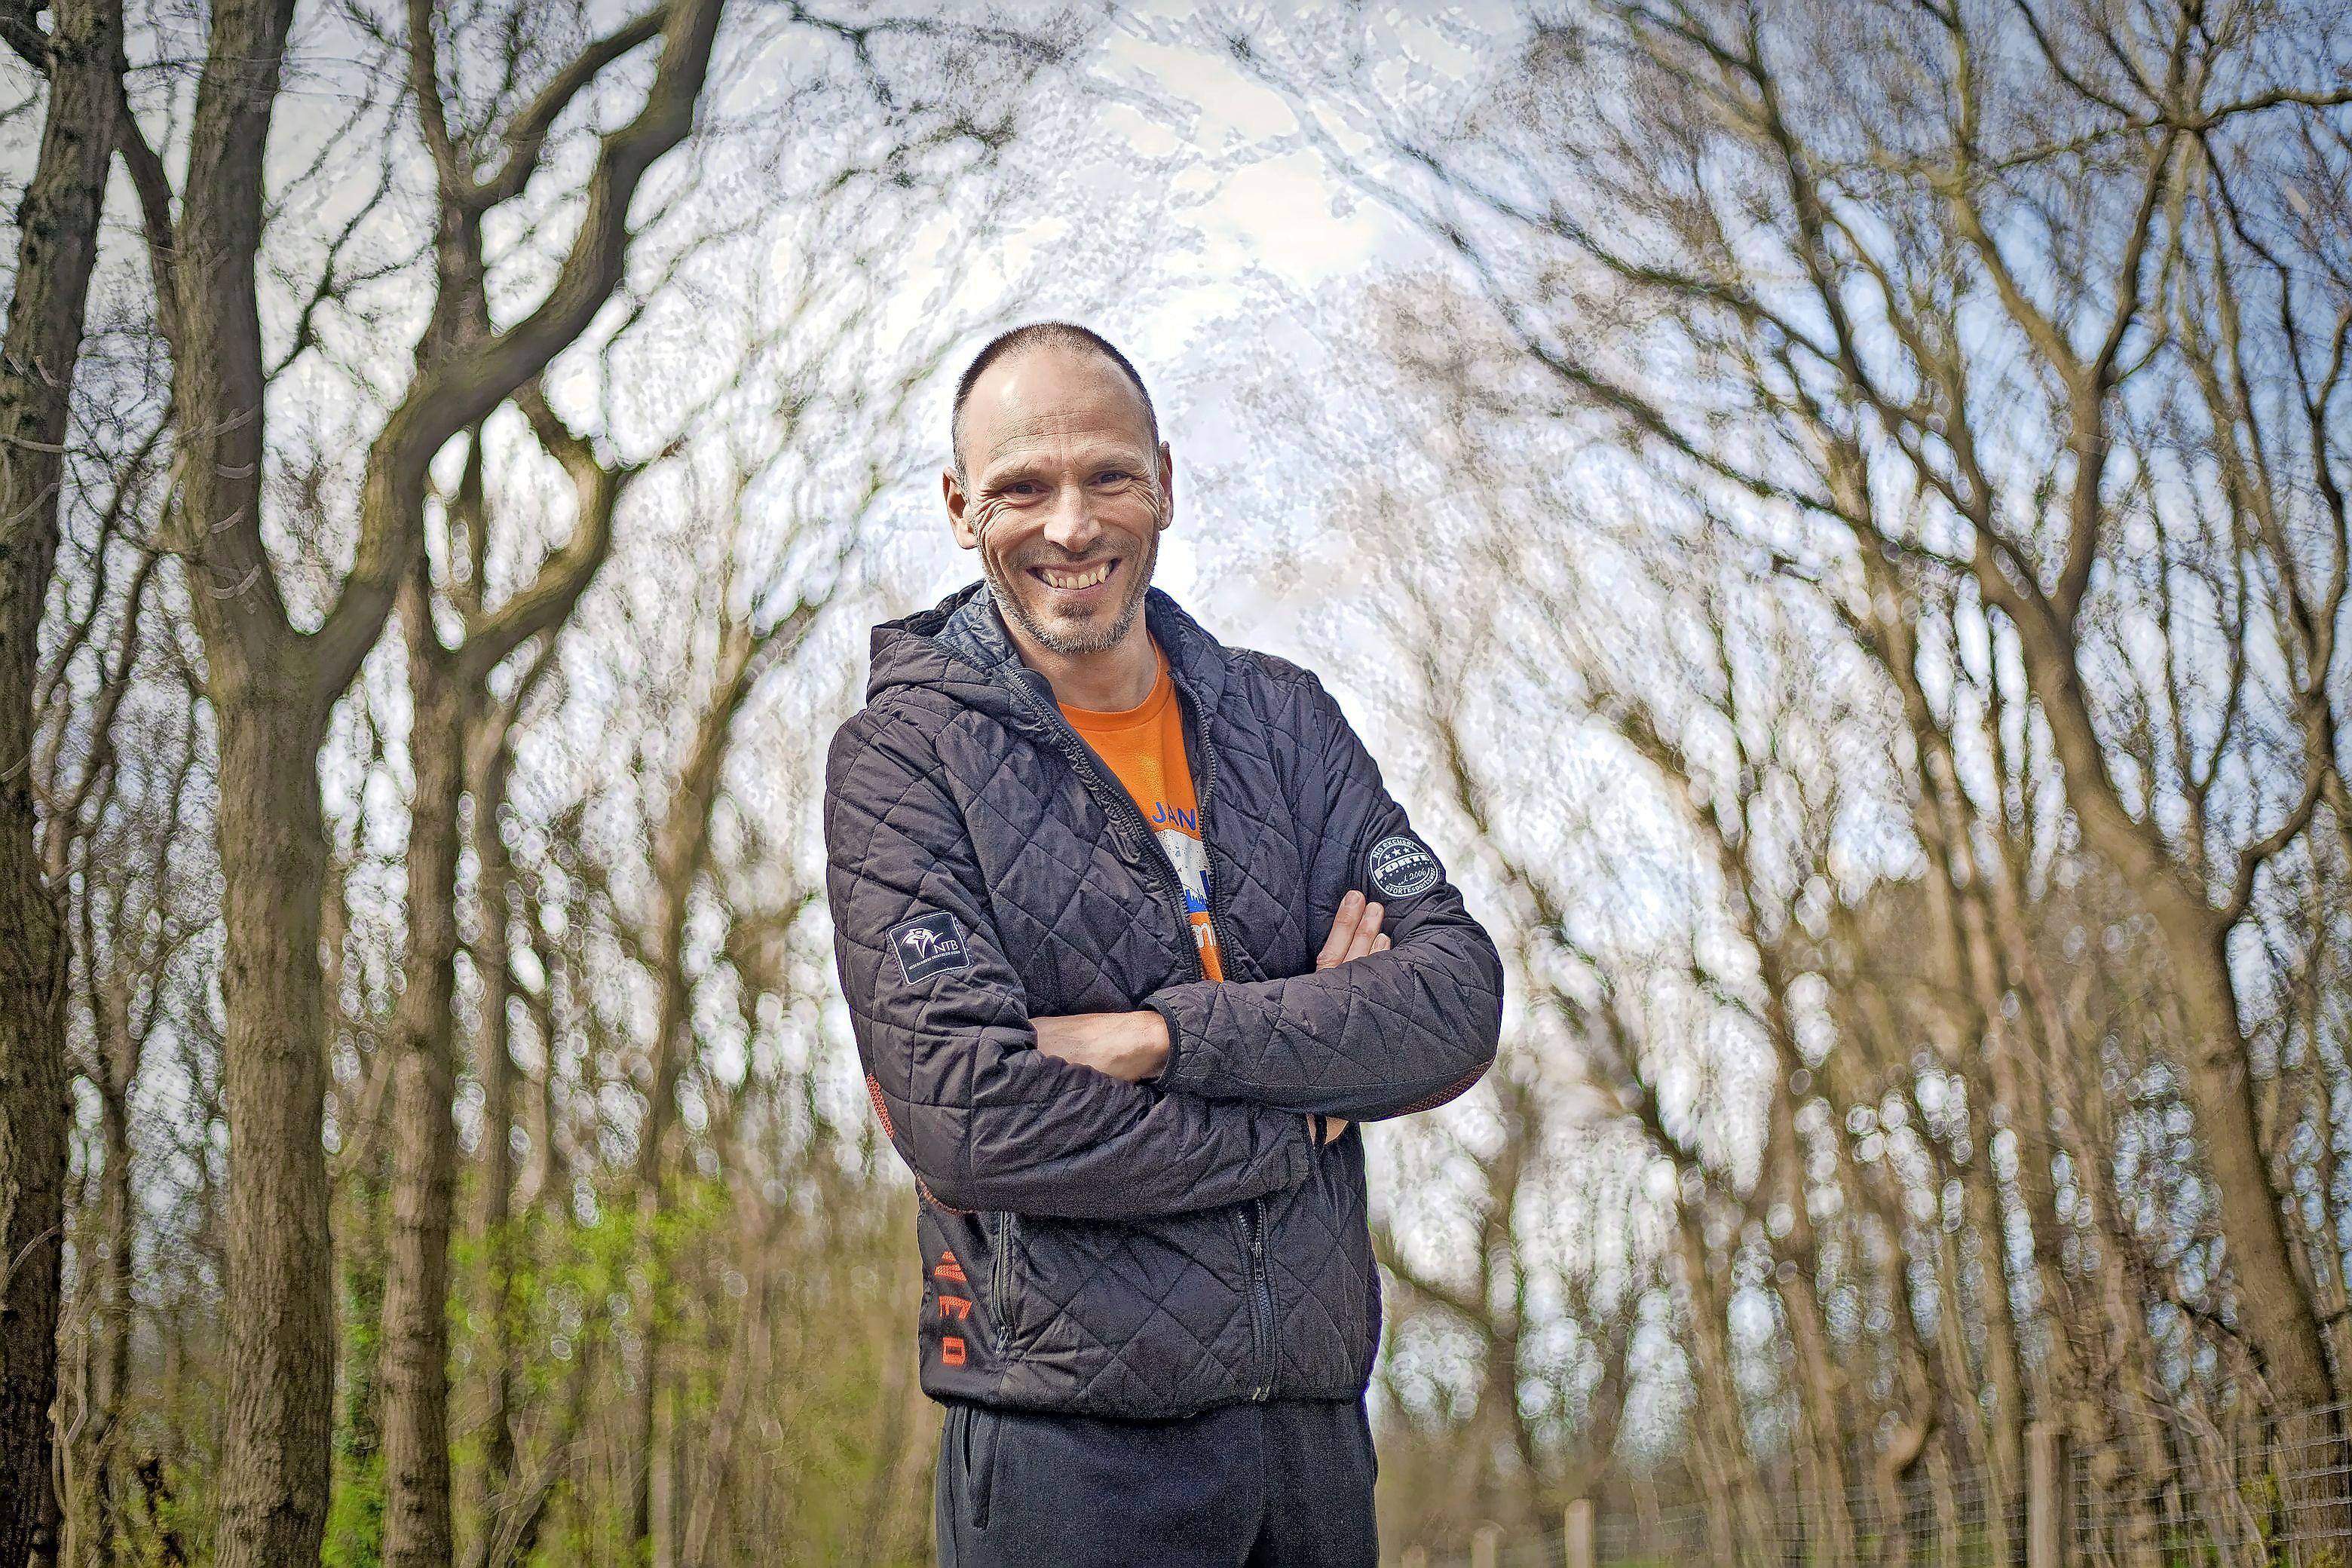 'We komen met drie medailles terug', voorspelt de bondscoach Bas de Bruin van de paralympisch triathlonploeg. 'Net als elke andere topsporter werken ze zich het schompes'